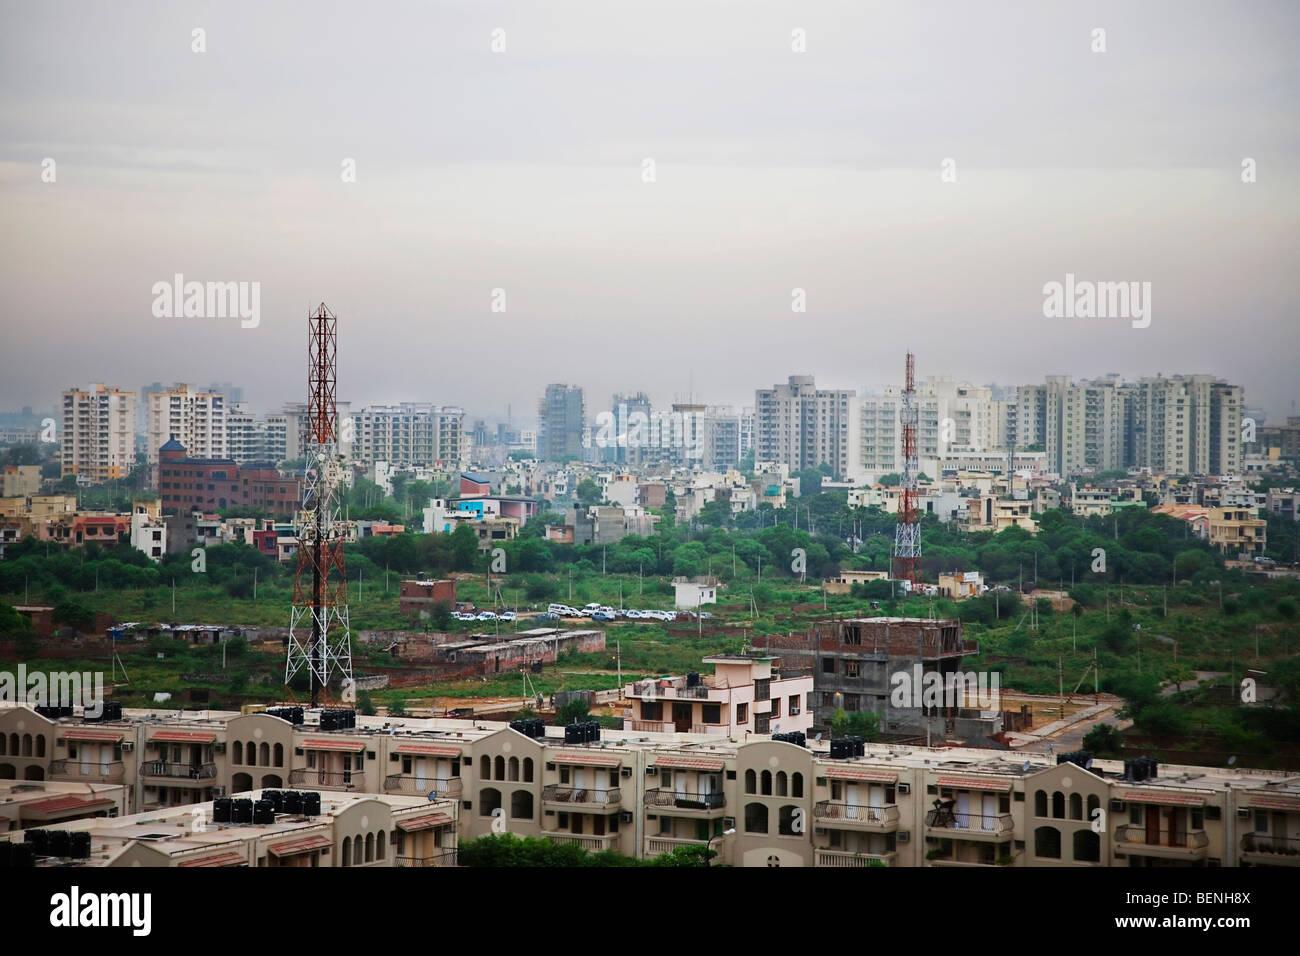 Sviluppo immobiliare a Gurgaon Haryana India Immagini Stock